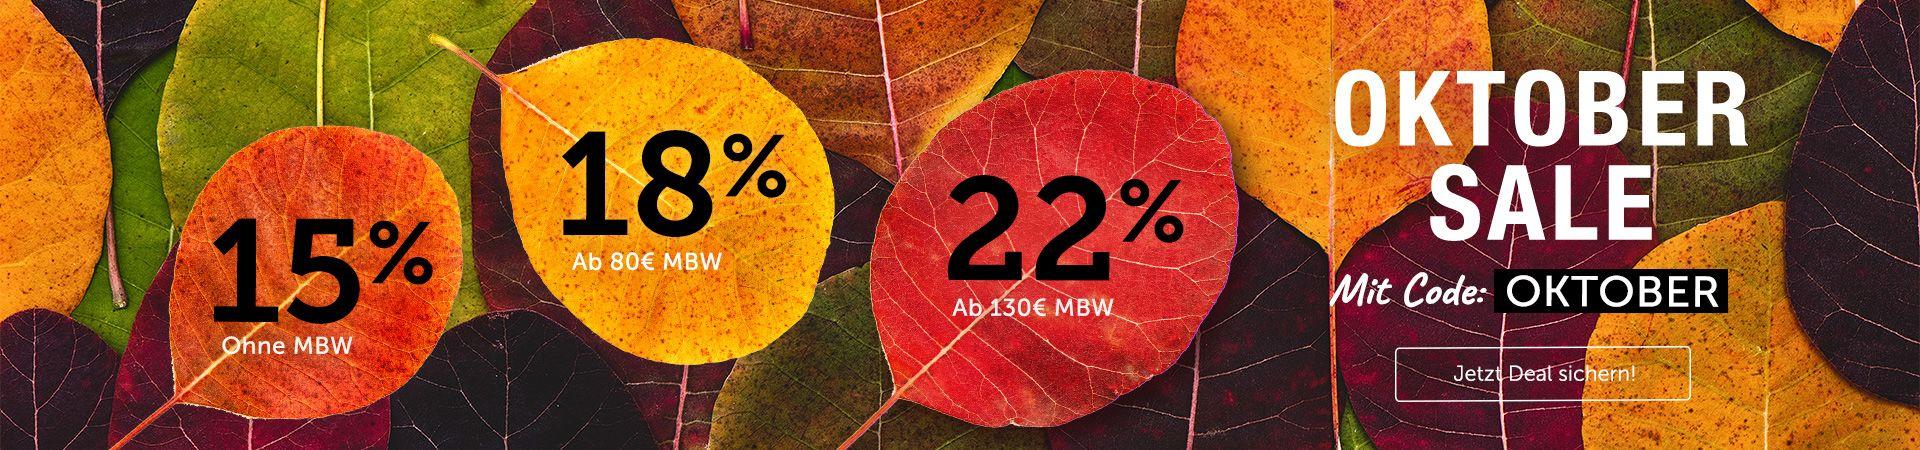 Hol dir jetzt bis zu 22% Rabatt mit dem Code OKTOBER